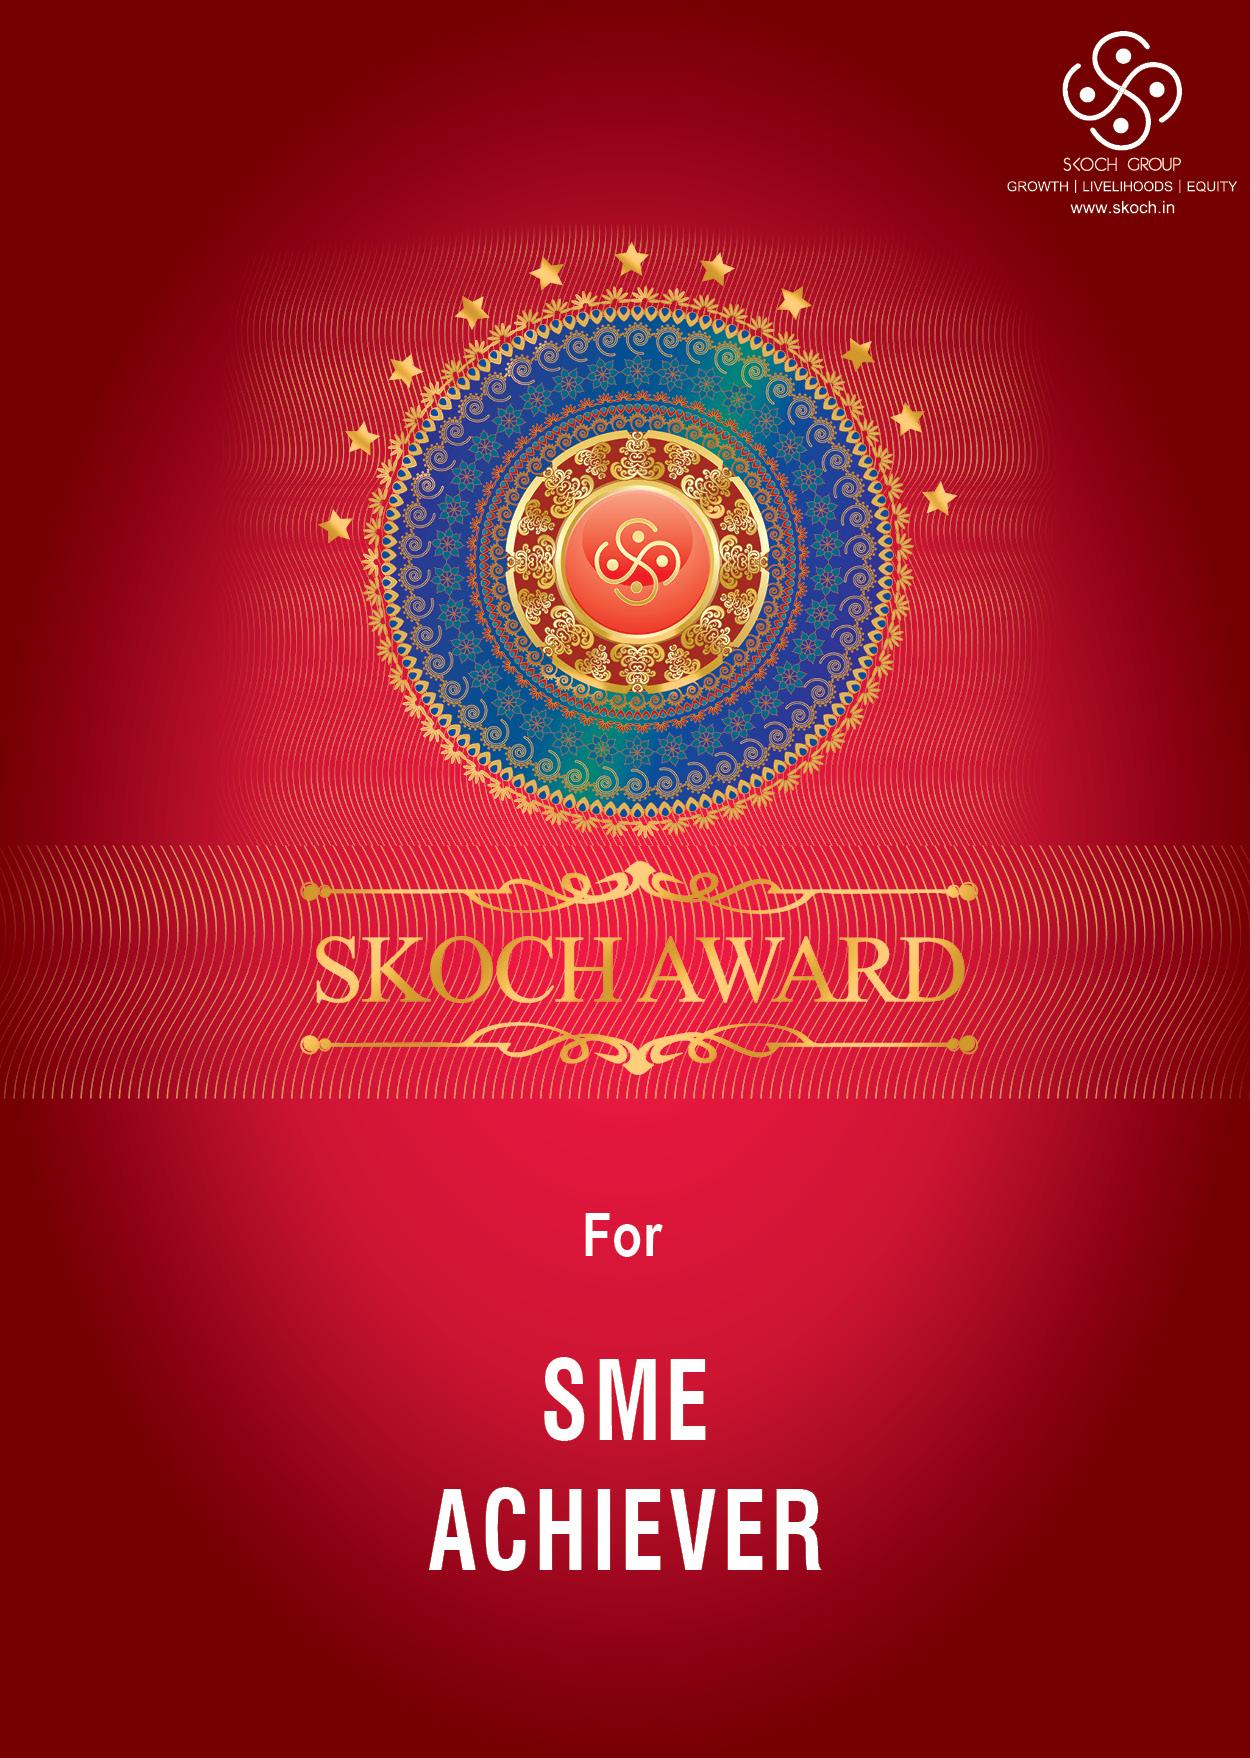 SME Achiever